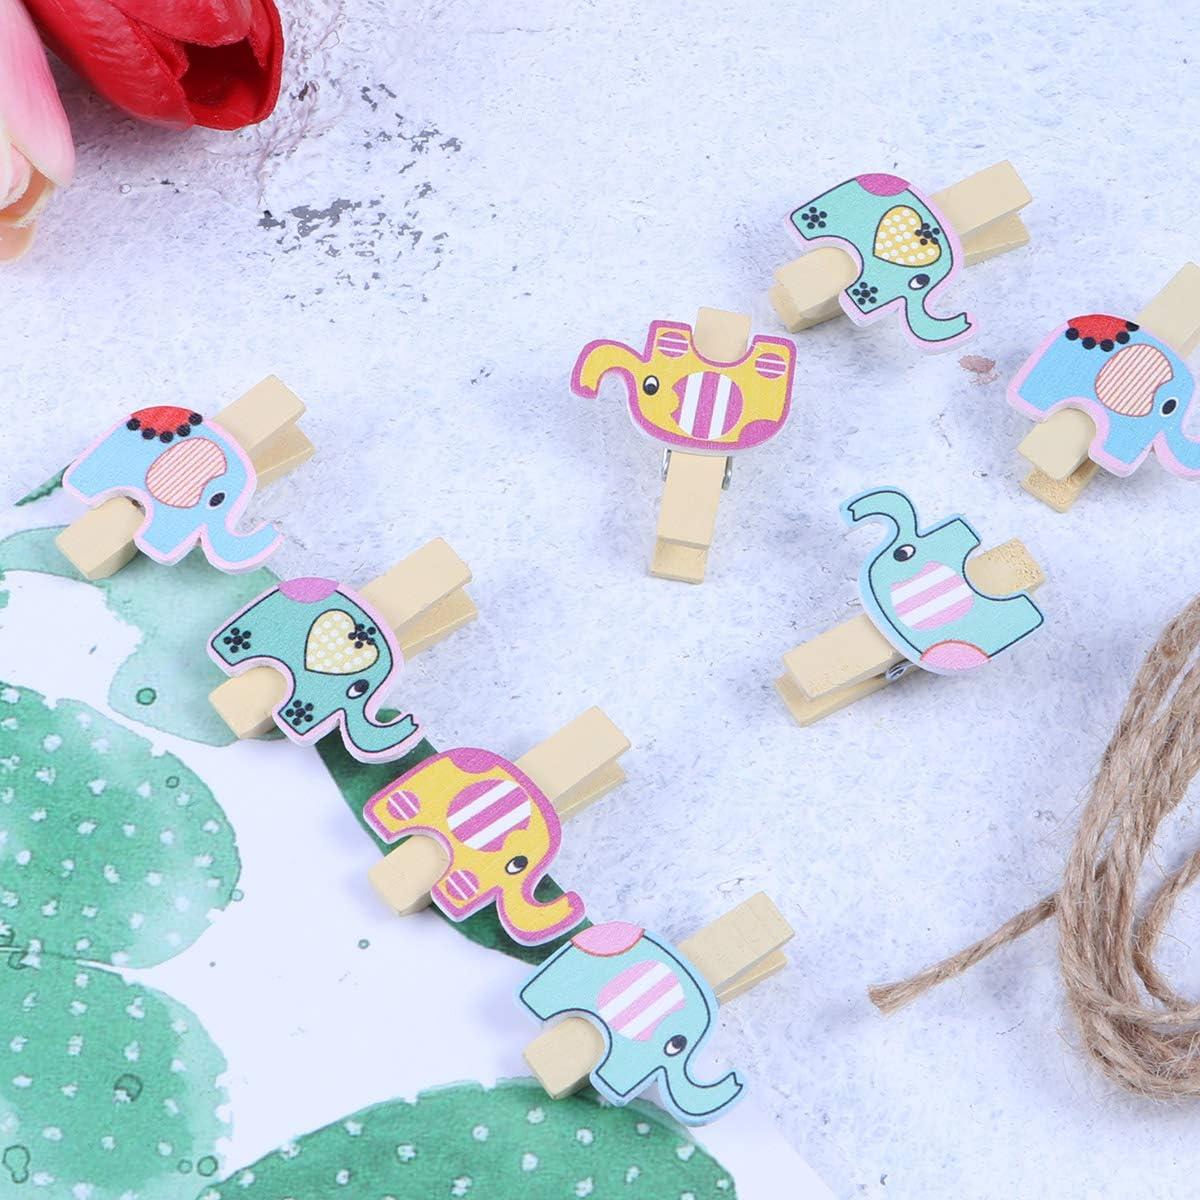 STOBOK Cute Elephant Wooden Photo Clips Mini Wooden Clothespins-40Pcs